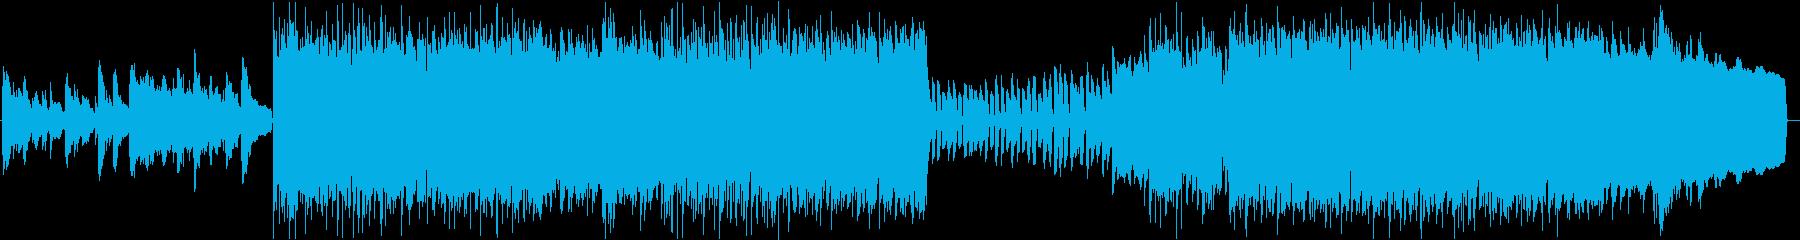 ファンタジー / 哀愁感あるケルト曲の再生済みの波形